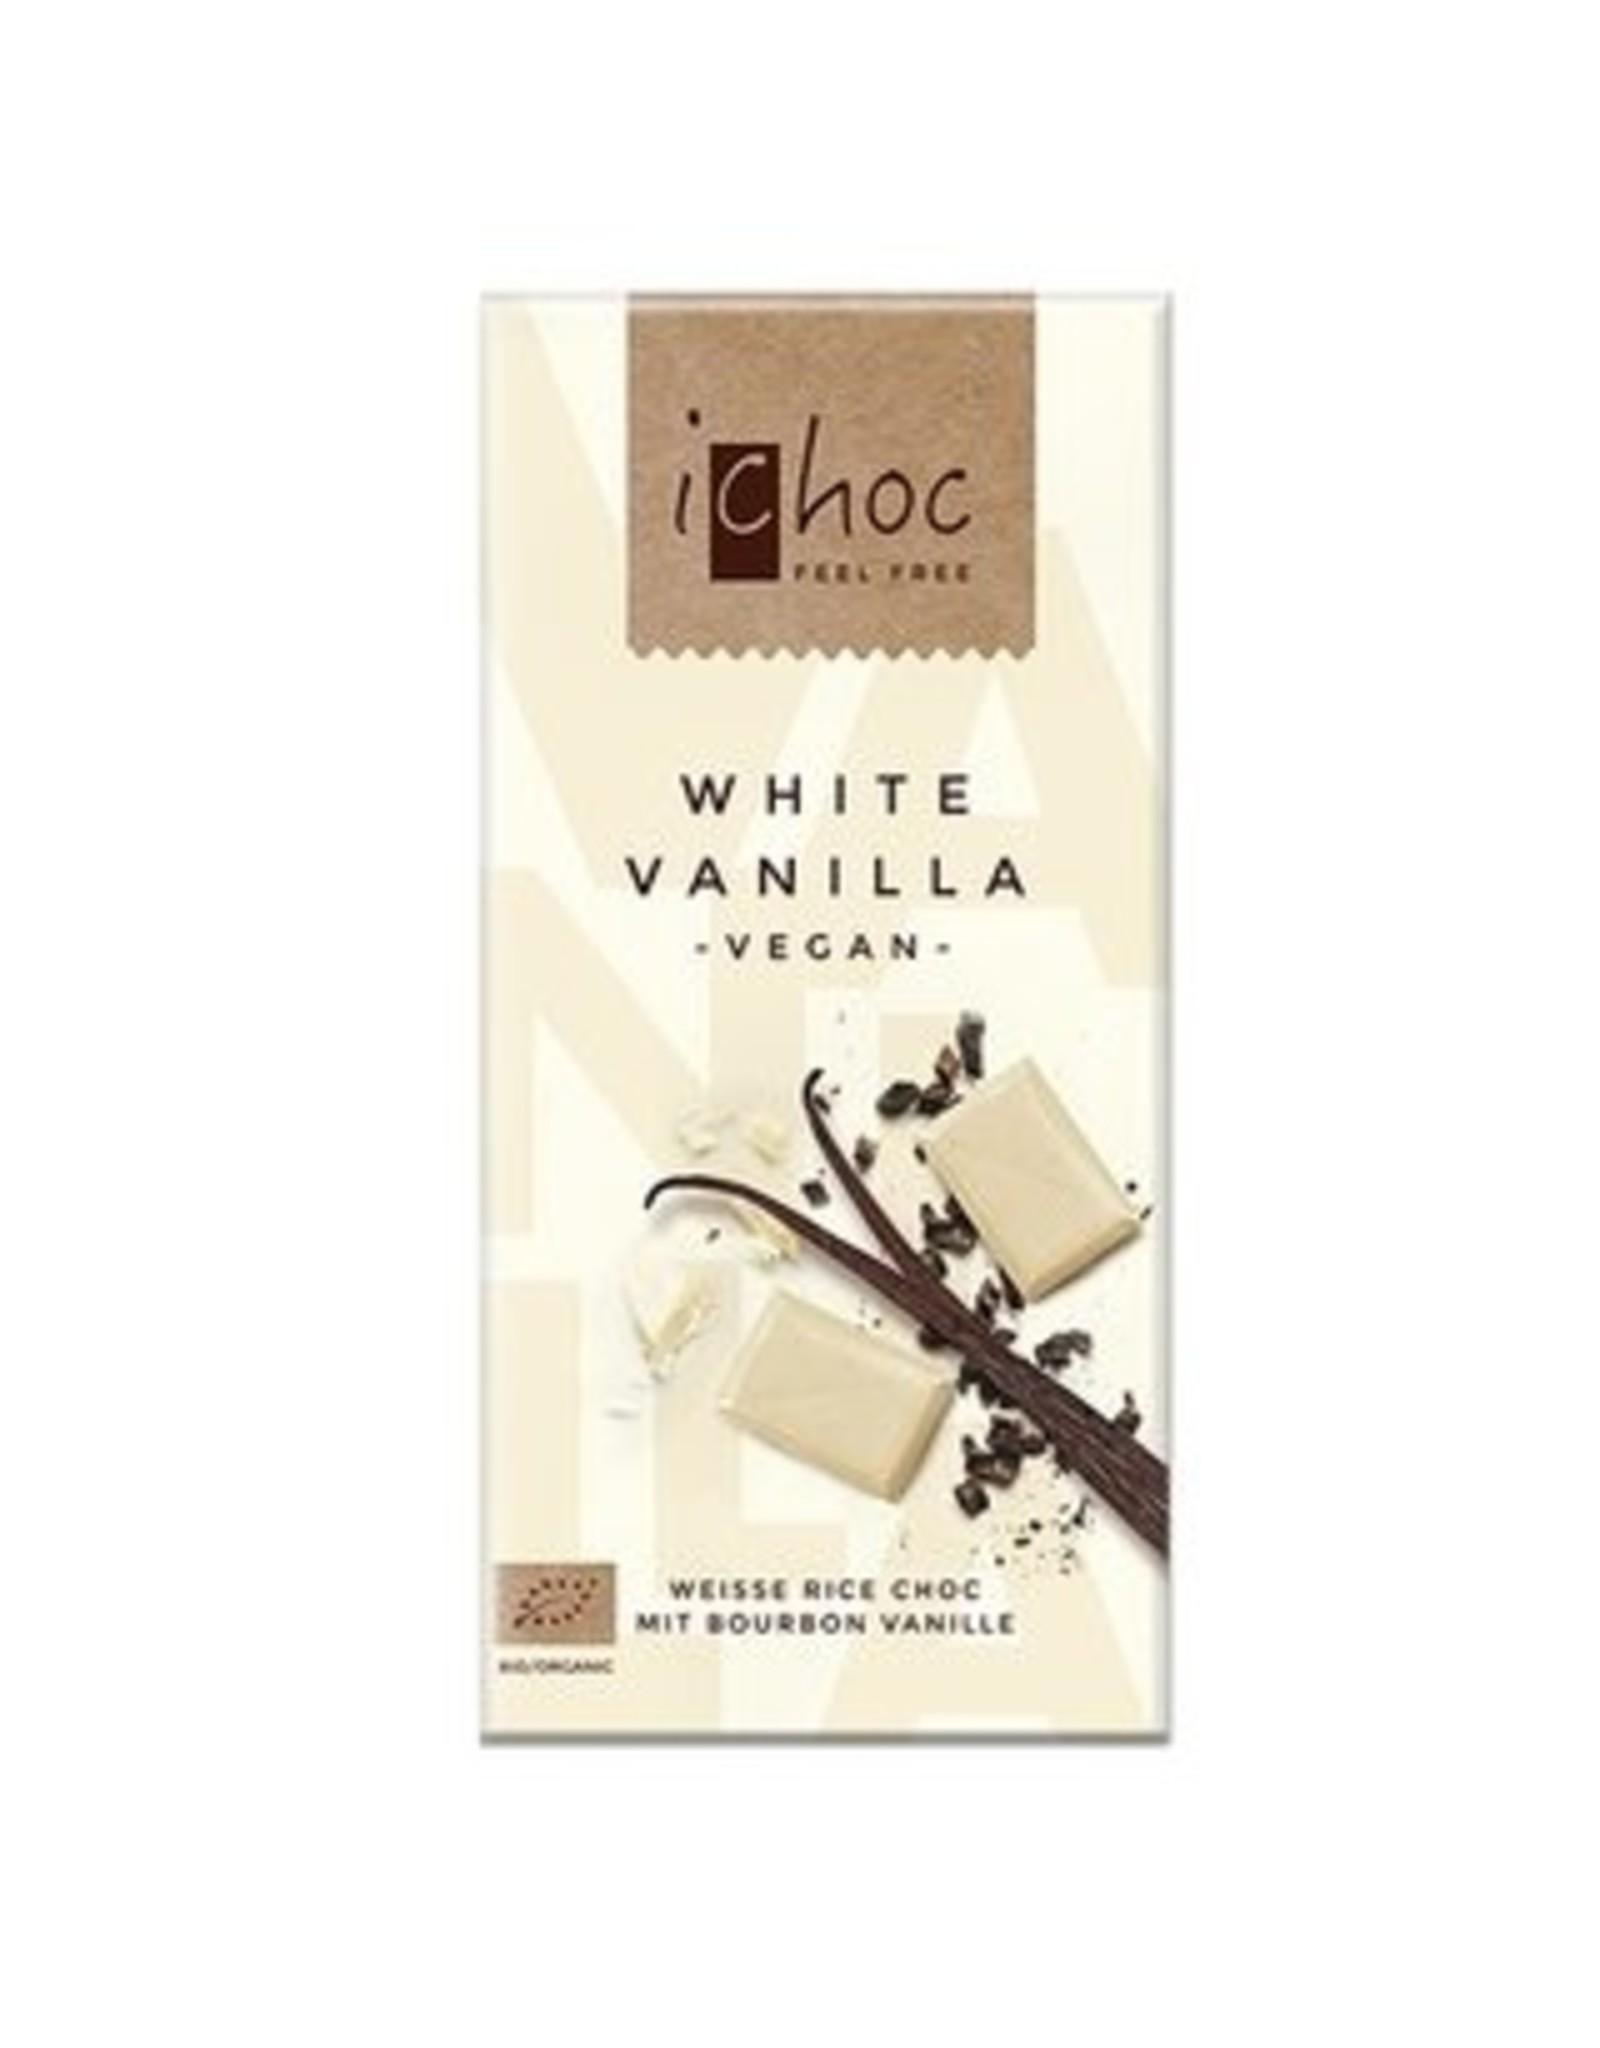 iChoc White Vanilla weiße Rice Choc 80g